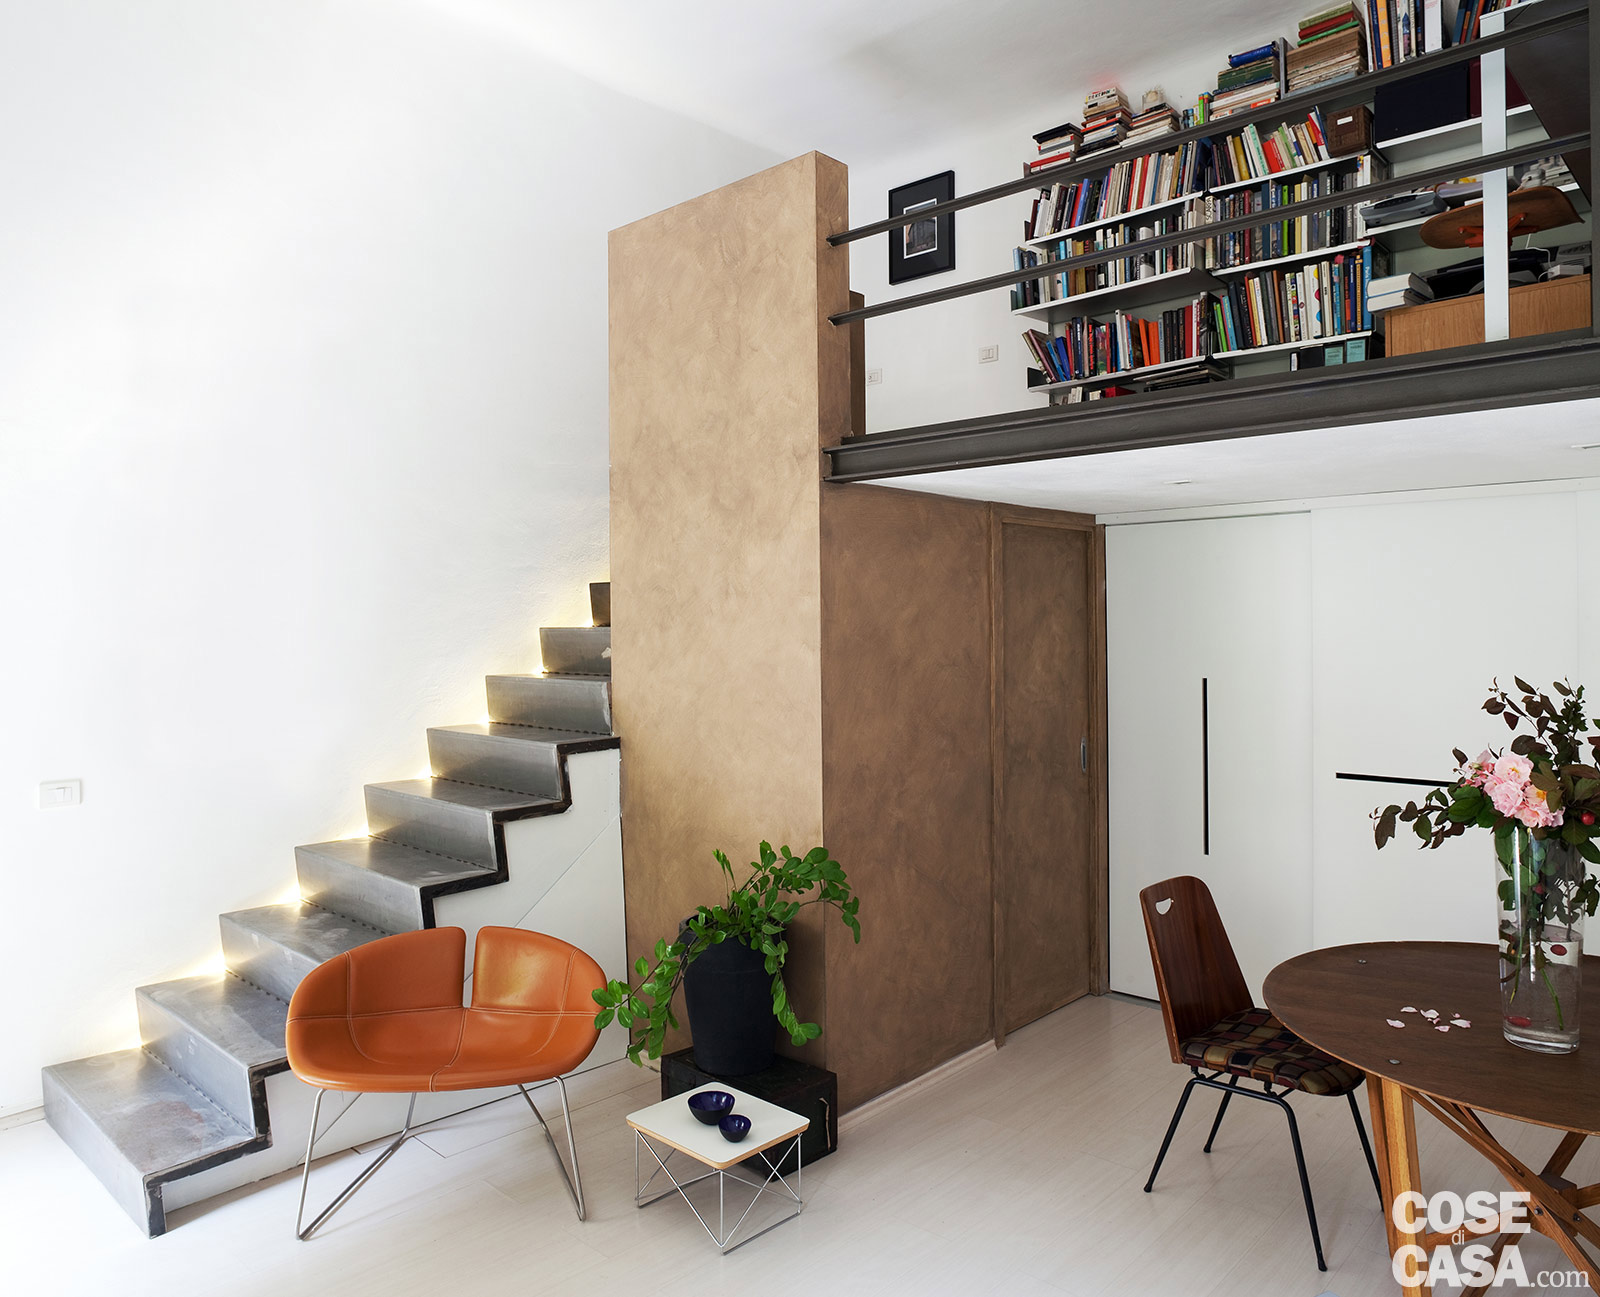 Saino costruzioni come far entrare tutto in una casa di for Arredare un monolocale di 30 mq